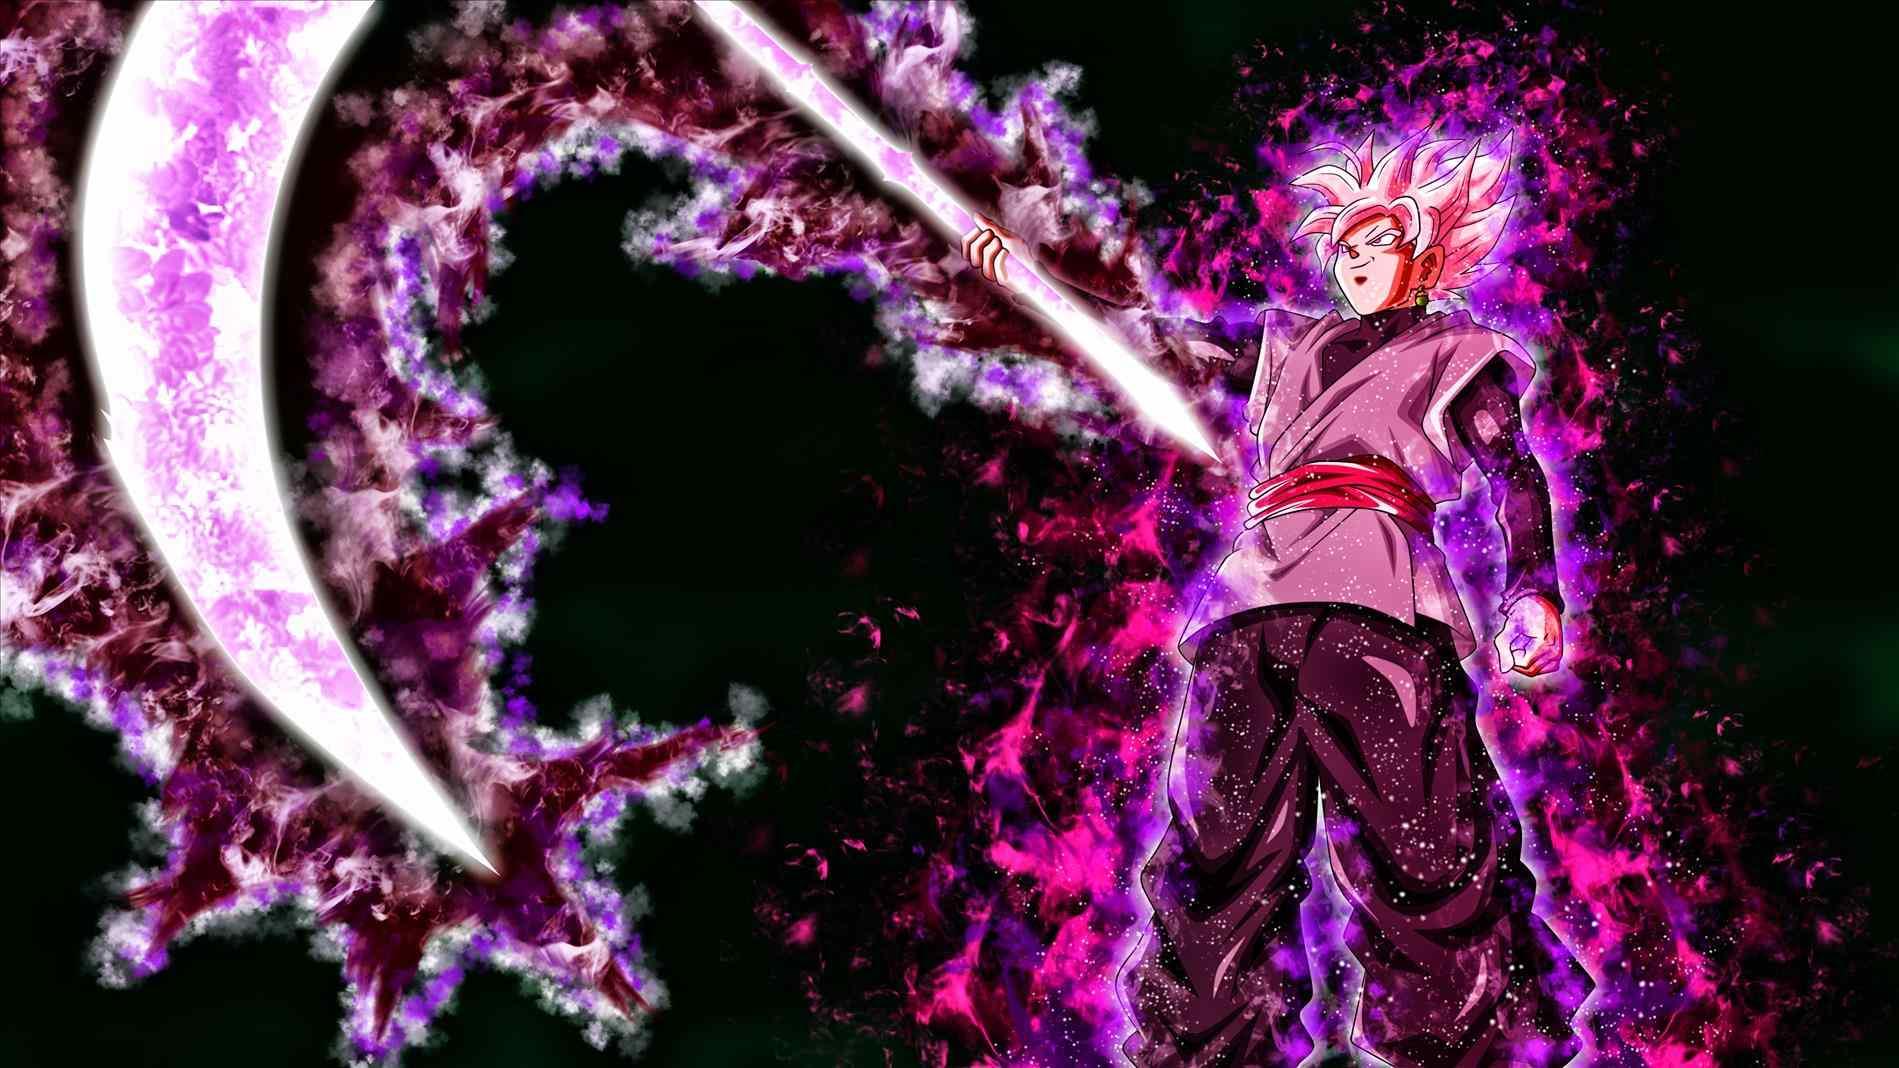 Super Saiyan Rose Wallpapers Top Free Super Saiyan Rose